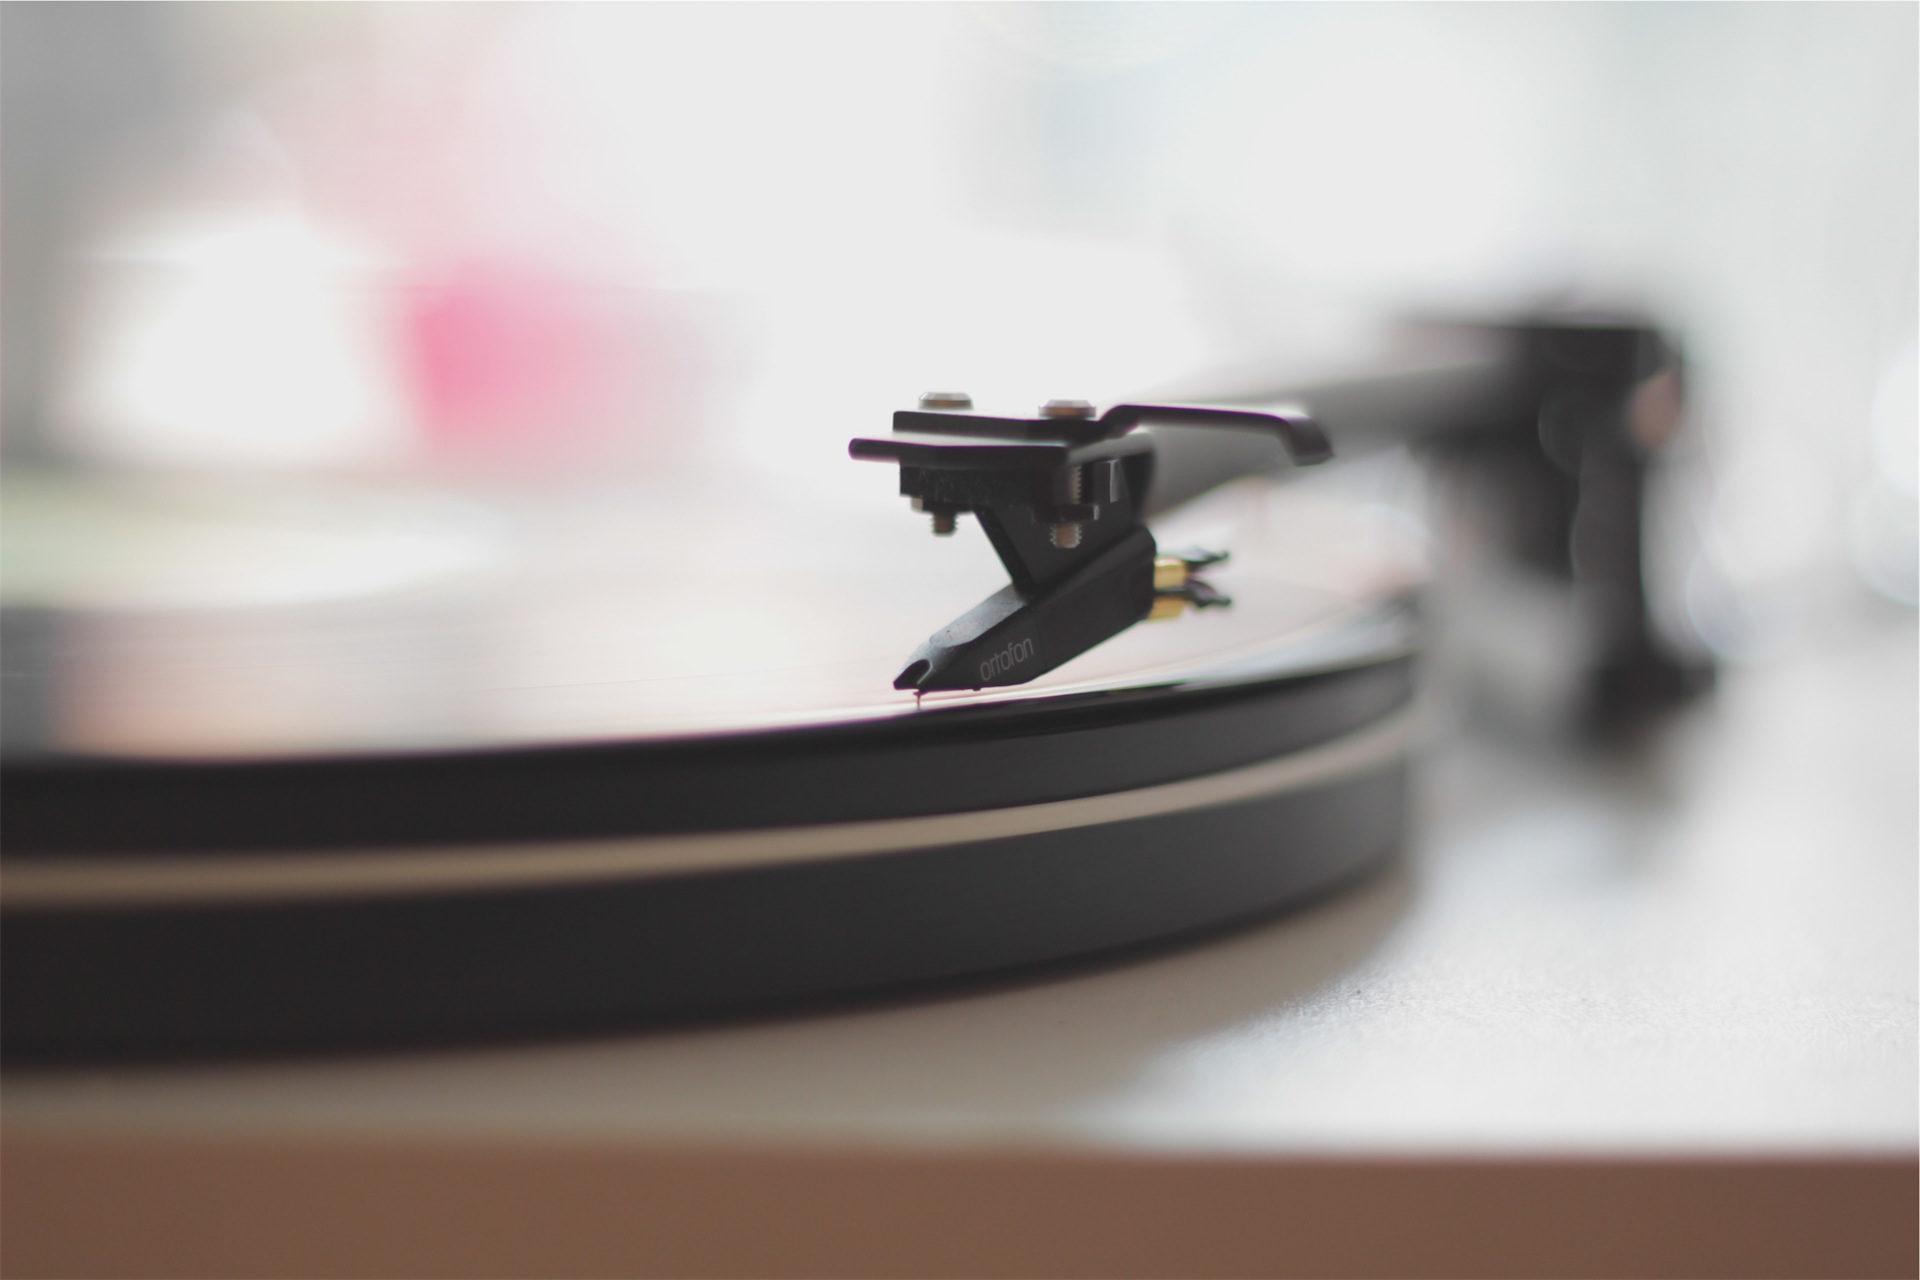 platine vinyle, disque, aiguille, Vinyle, Vintage - Fonds d'écran HD - Professor-falken.com